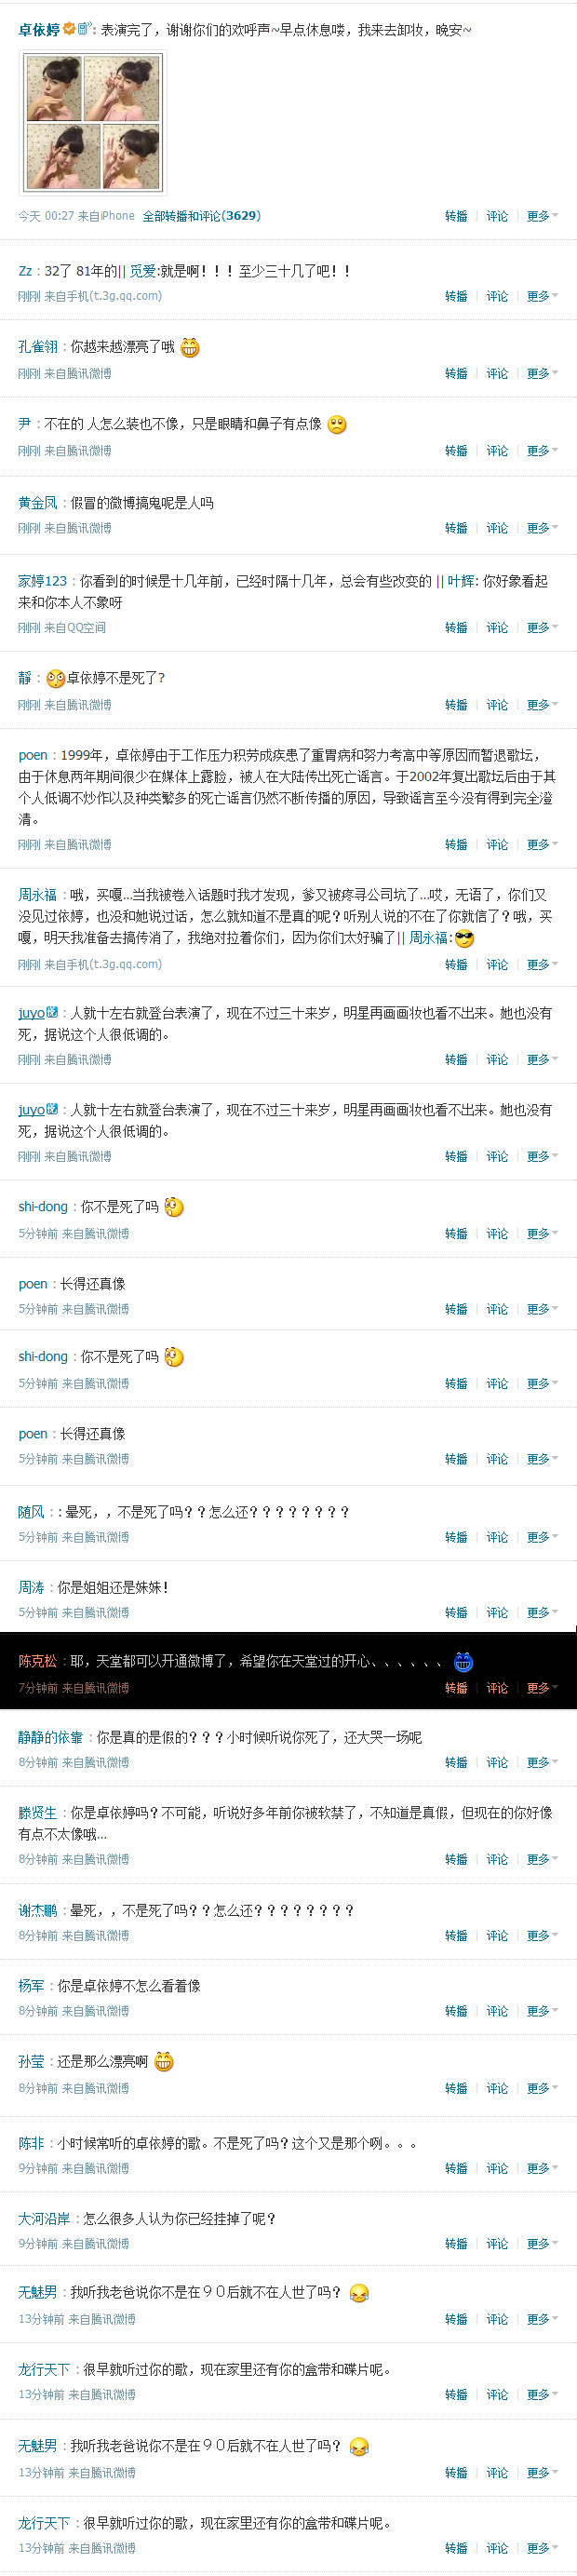 关于卓依婷还活着的新闻,粉丝爆笑的微博问候 3